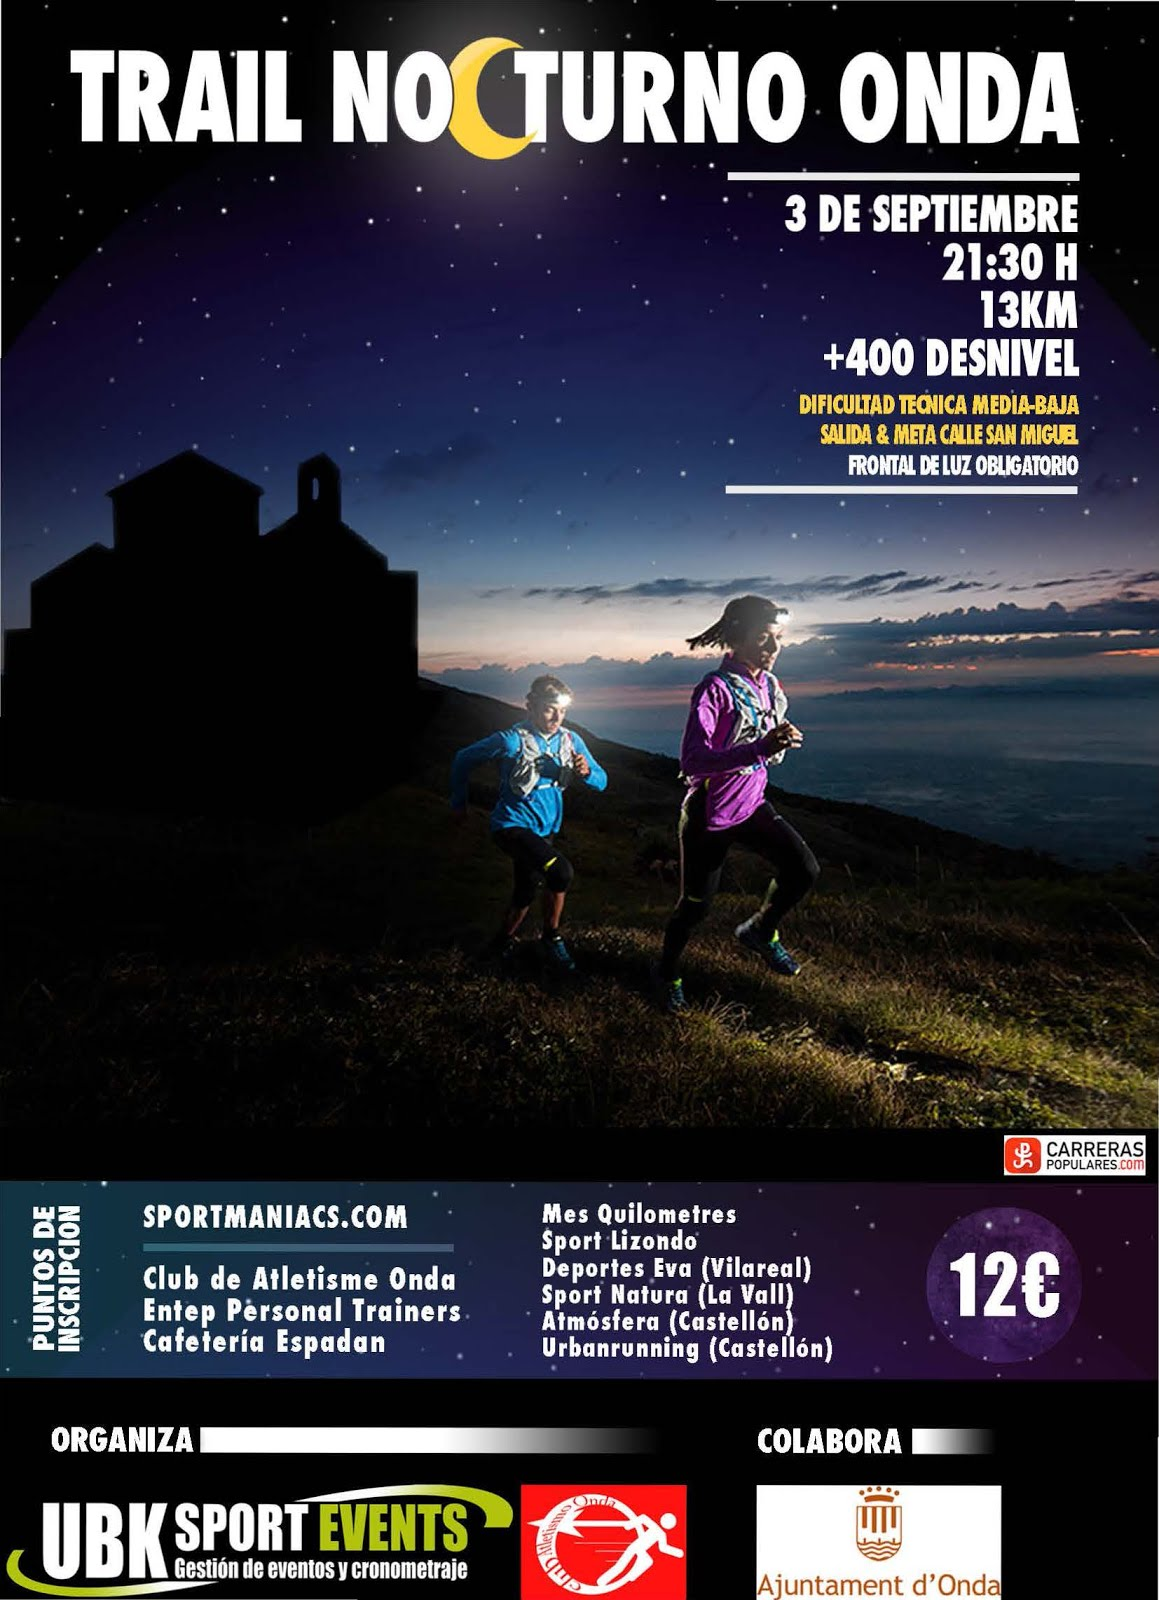 Información Trail nocturno 3 de Septiembre